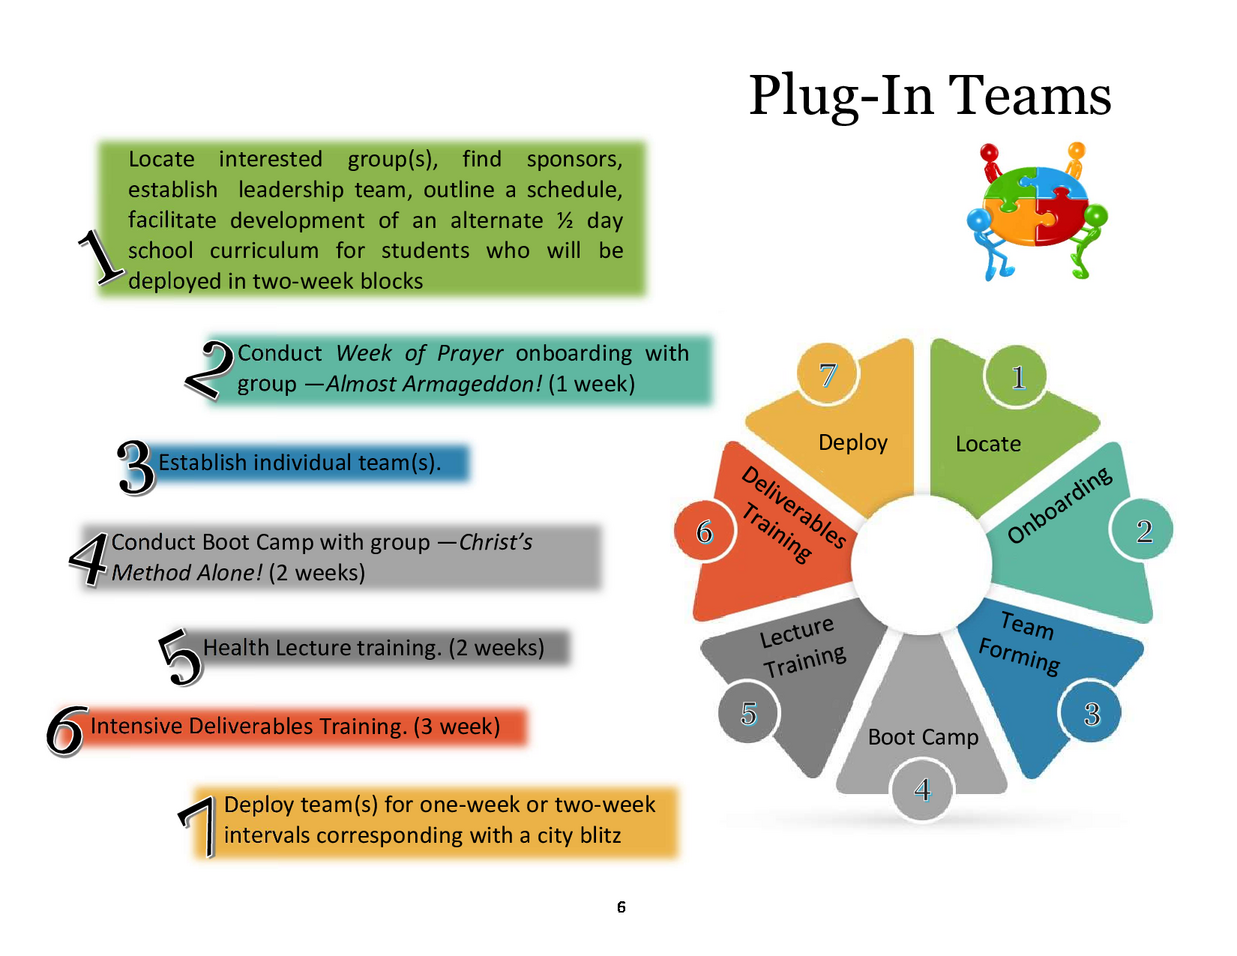 6_plugin_teams